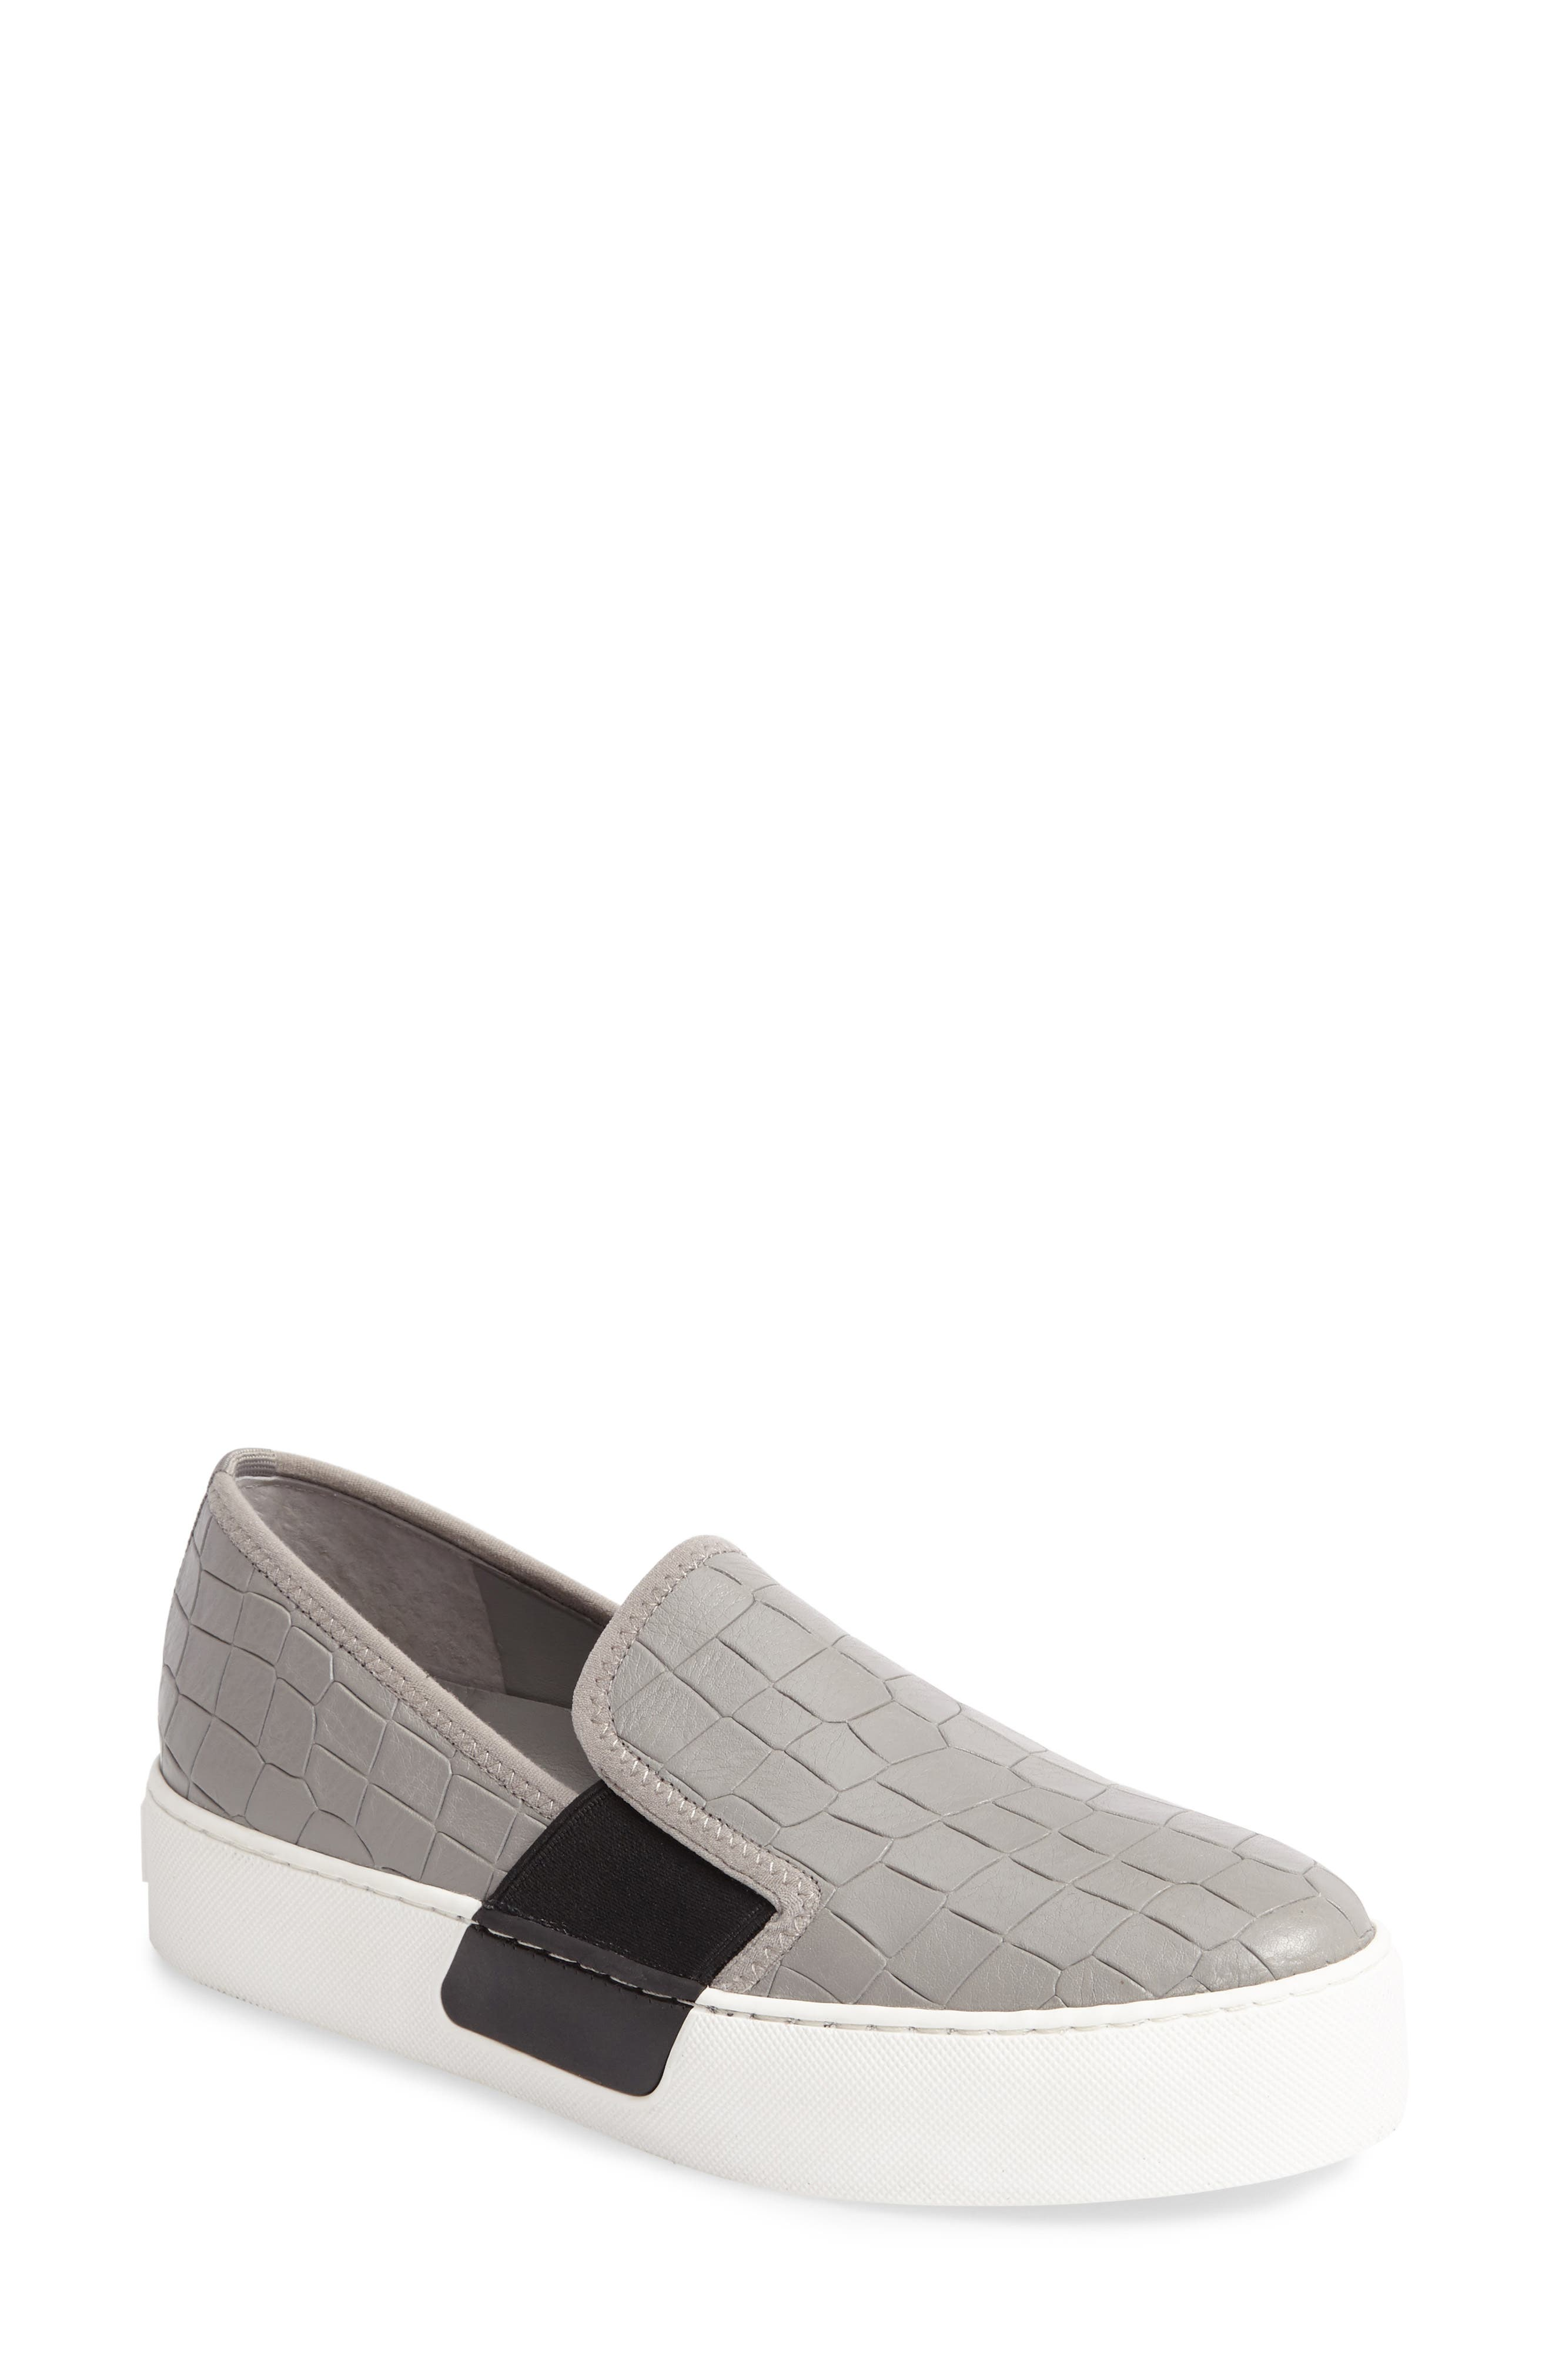 Main Image - 1.STATE Waylan Slip-On Sneaker (Women)